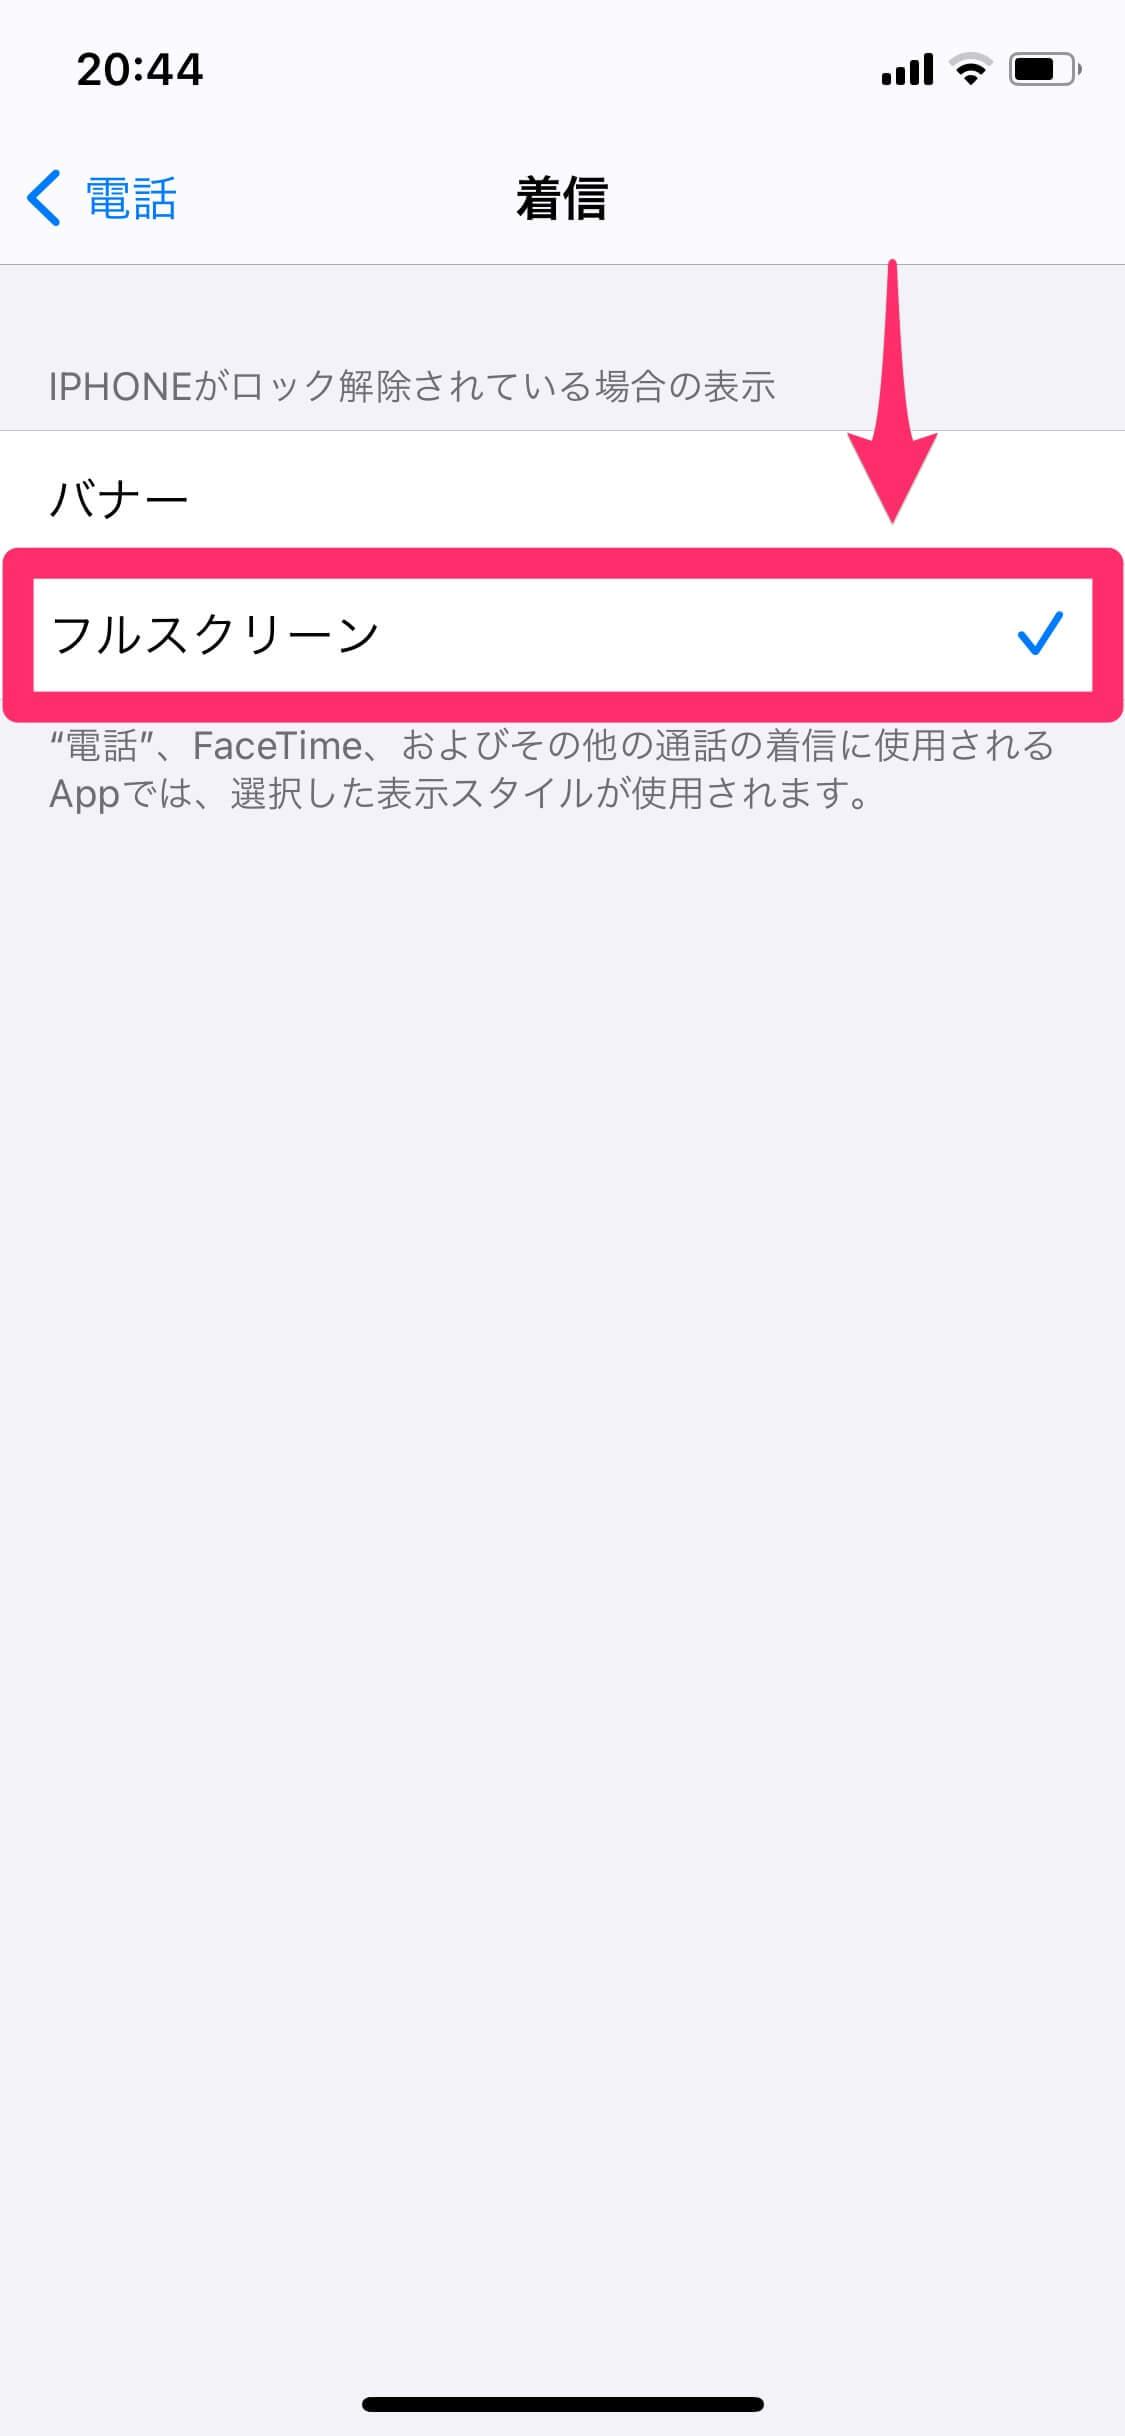 【iOS 14】電話の通知が小さくなった!? 元に戻すには着信の設定を「フルスクリーン」に